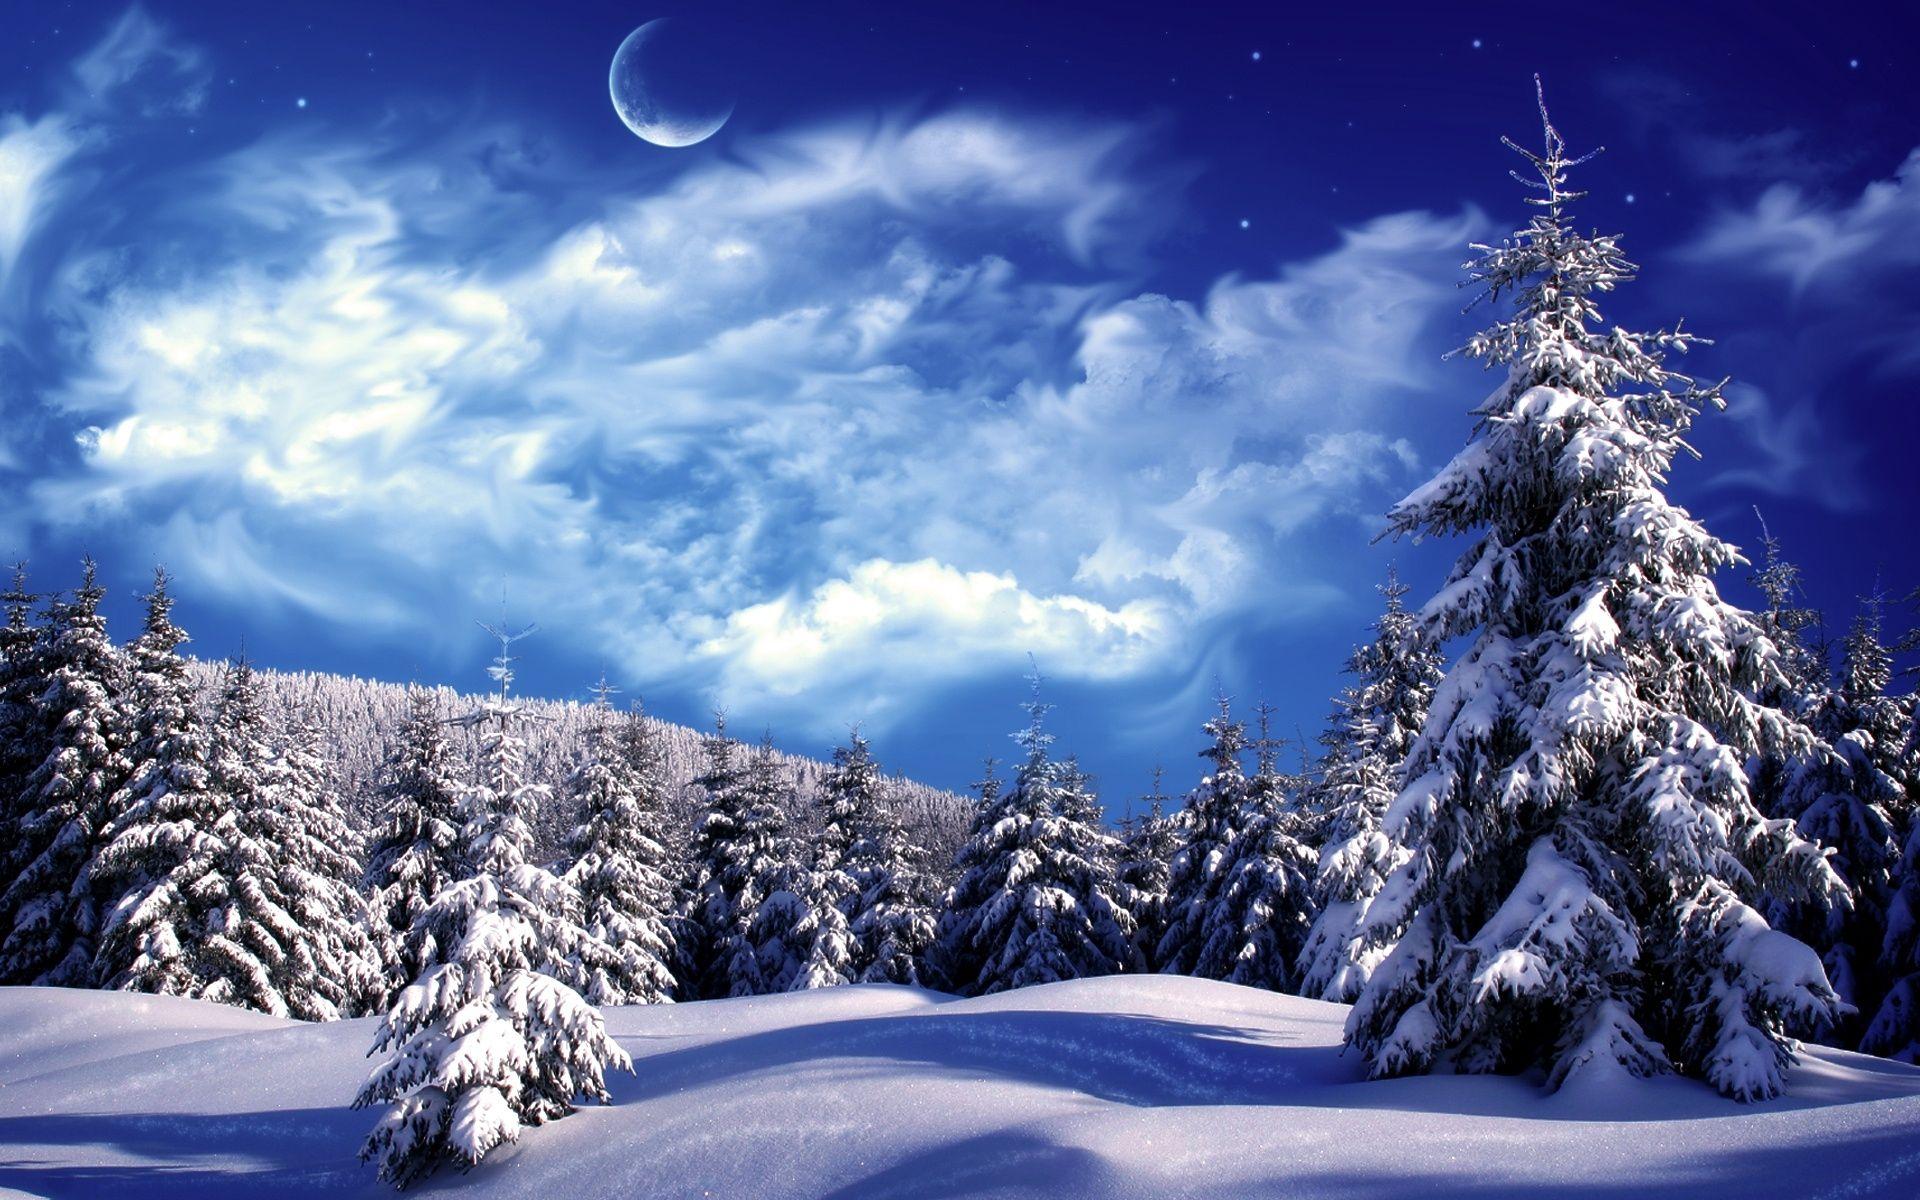 Winter Snow Wallpaper Winter Scenery Winter Landscape